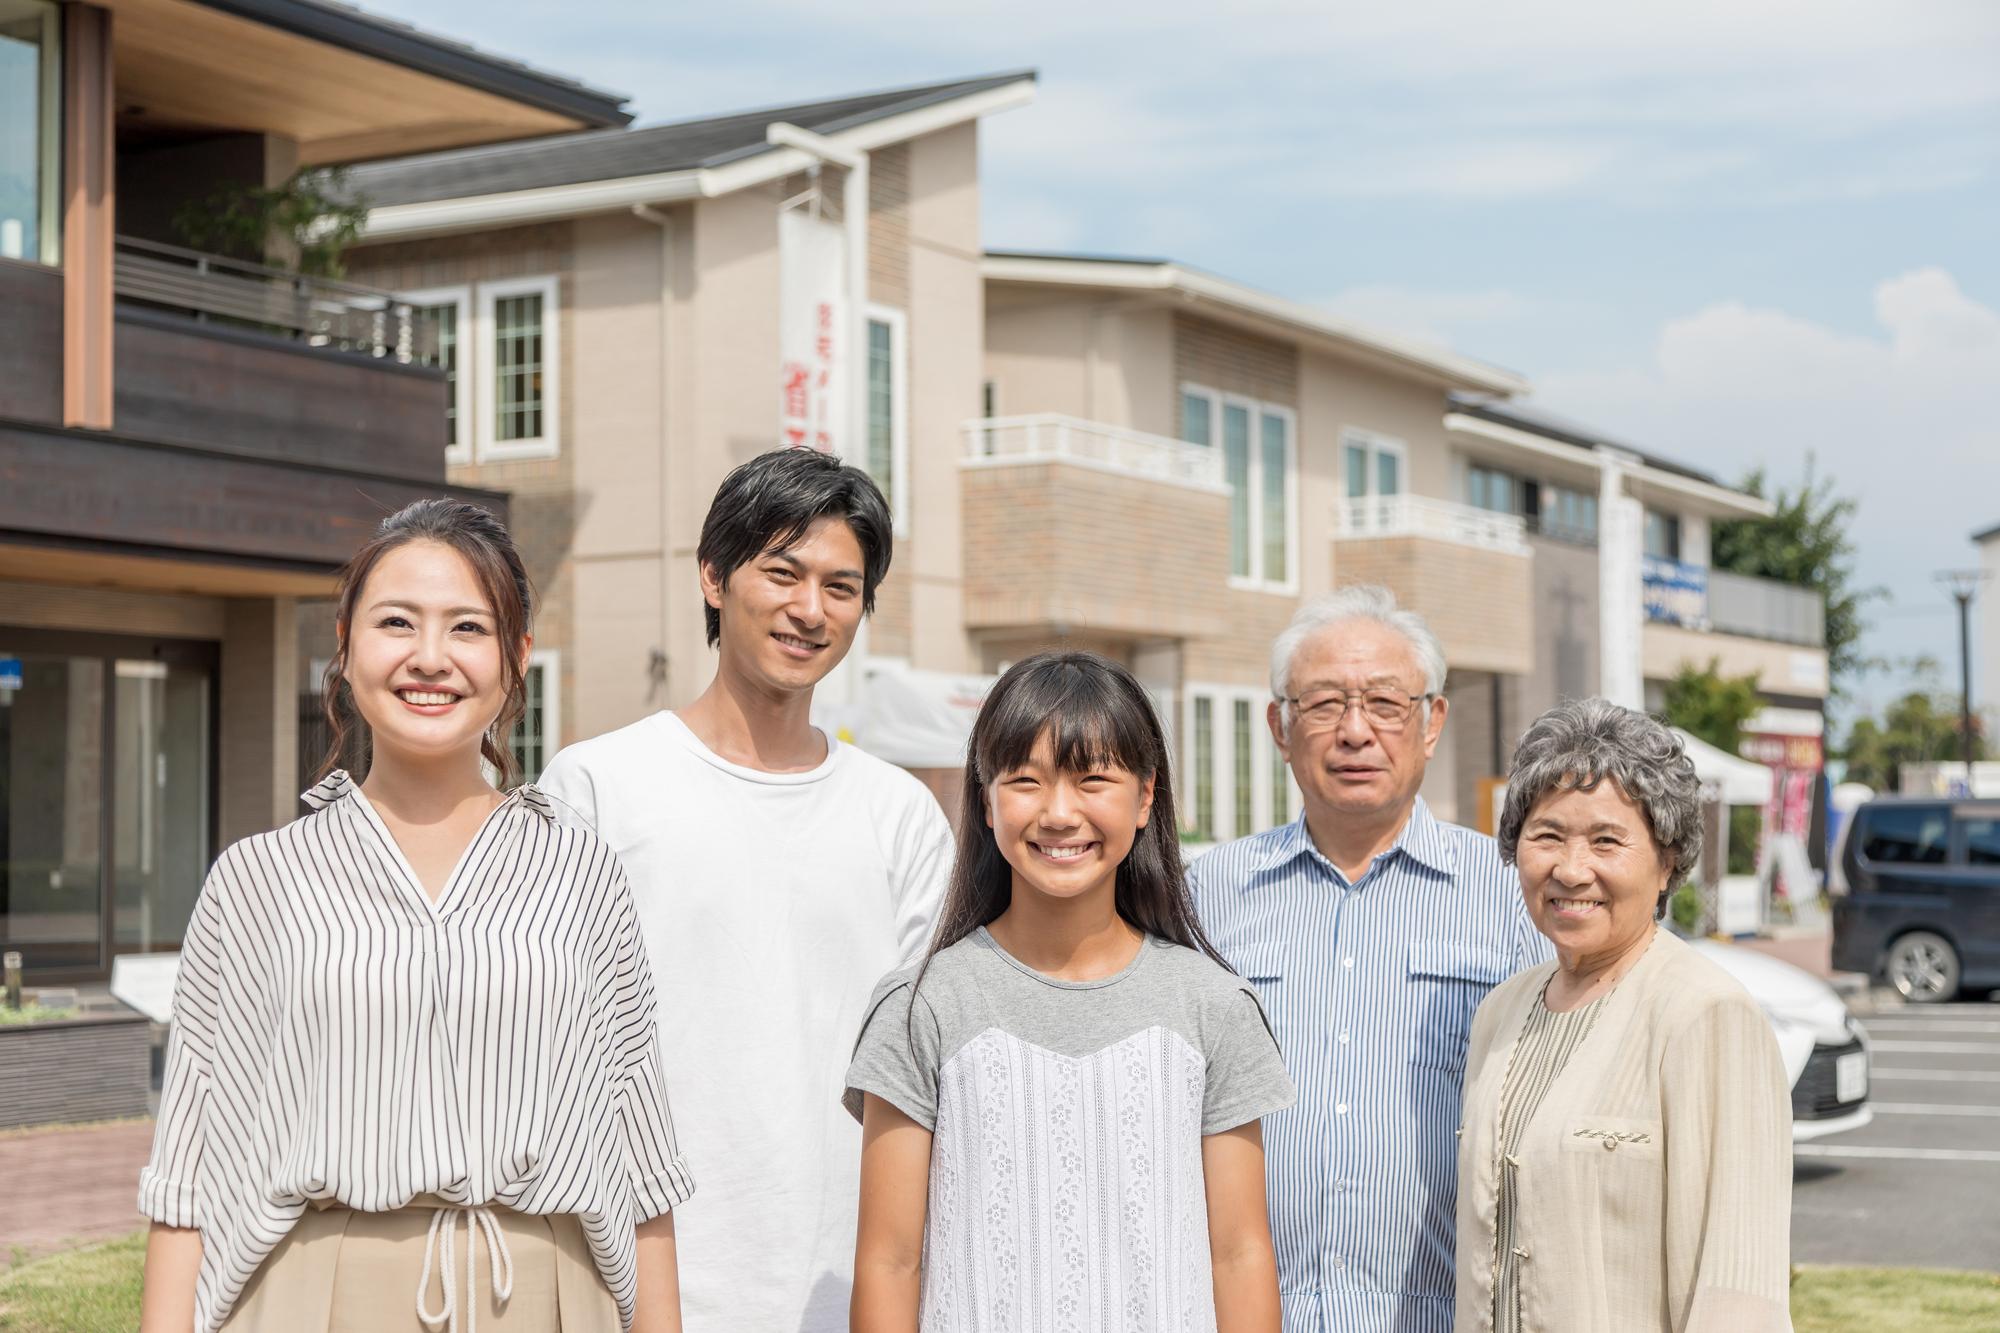 両親に家の購入を報告すると反対される理由と対処法